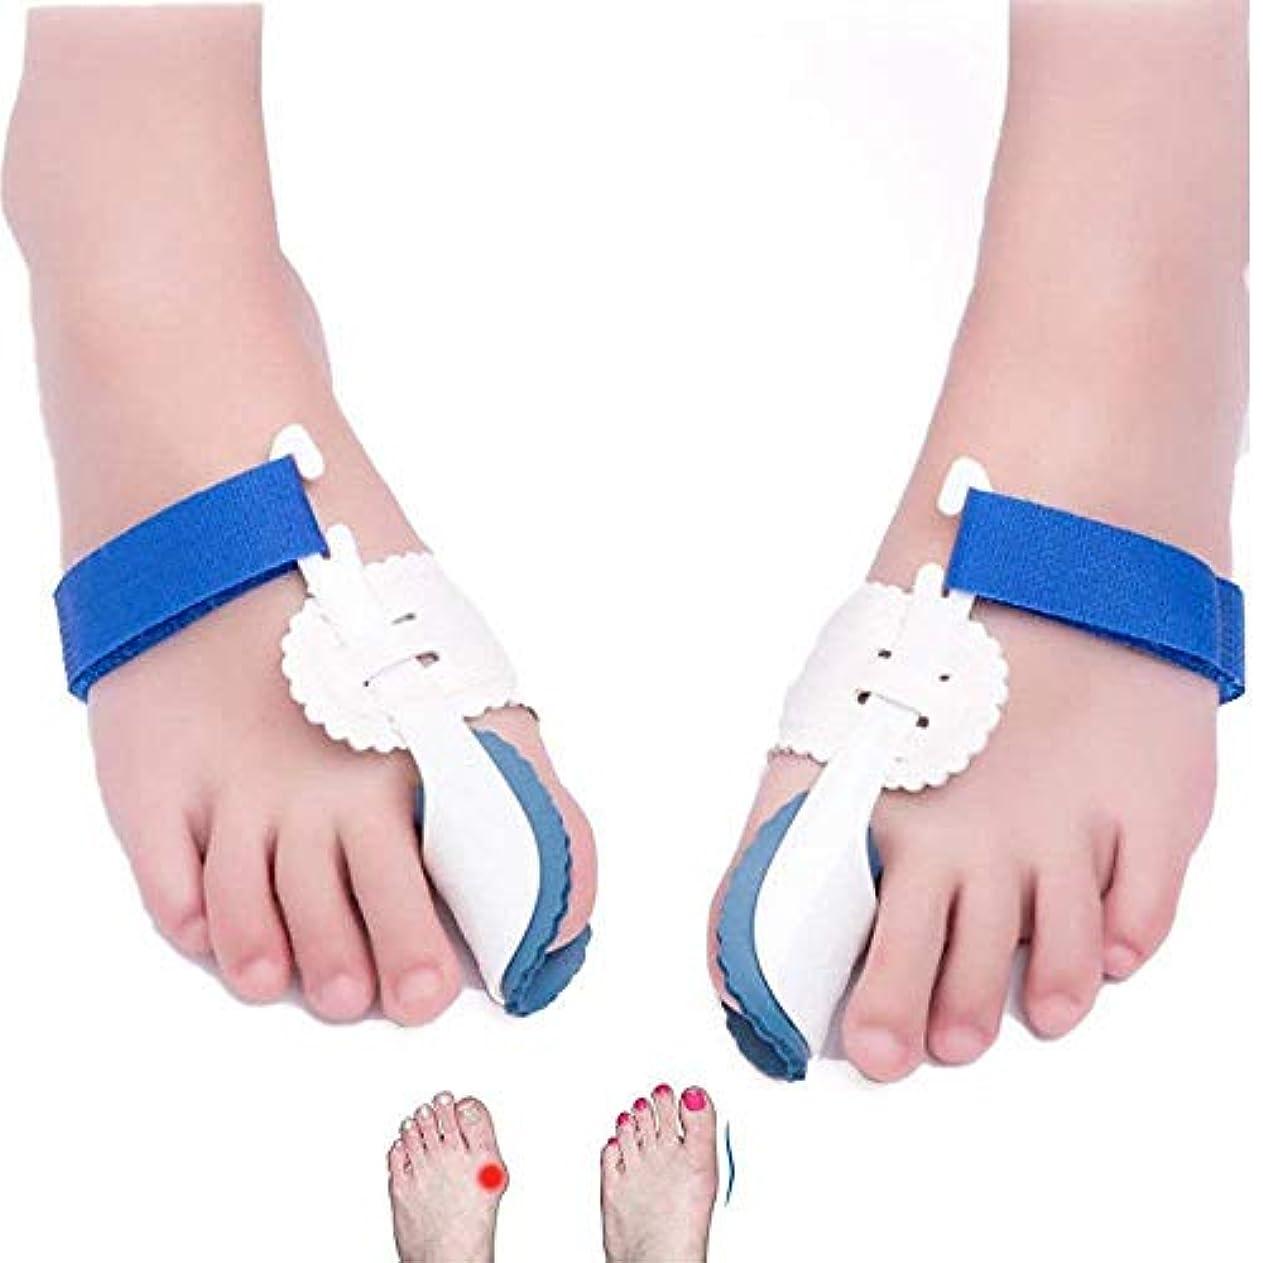 泥だらけ絶壁バングプロテクターフットケア親指外反矯正調整可能な腱膜矯正副子肘腱膜補助矯正矯正器として役立つ男性&女性用つま先セパレーター